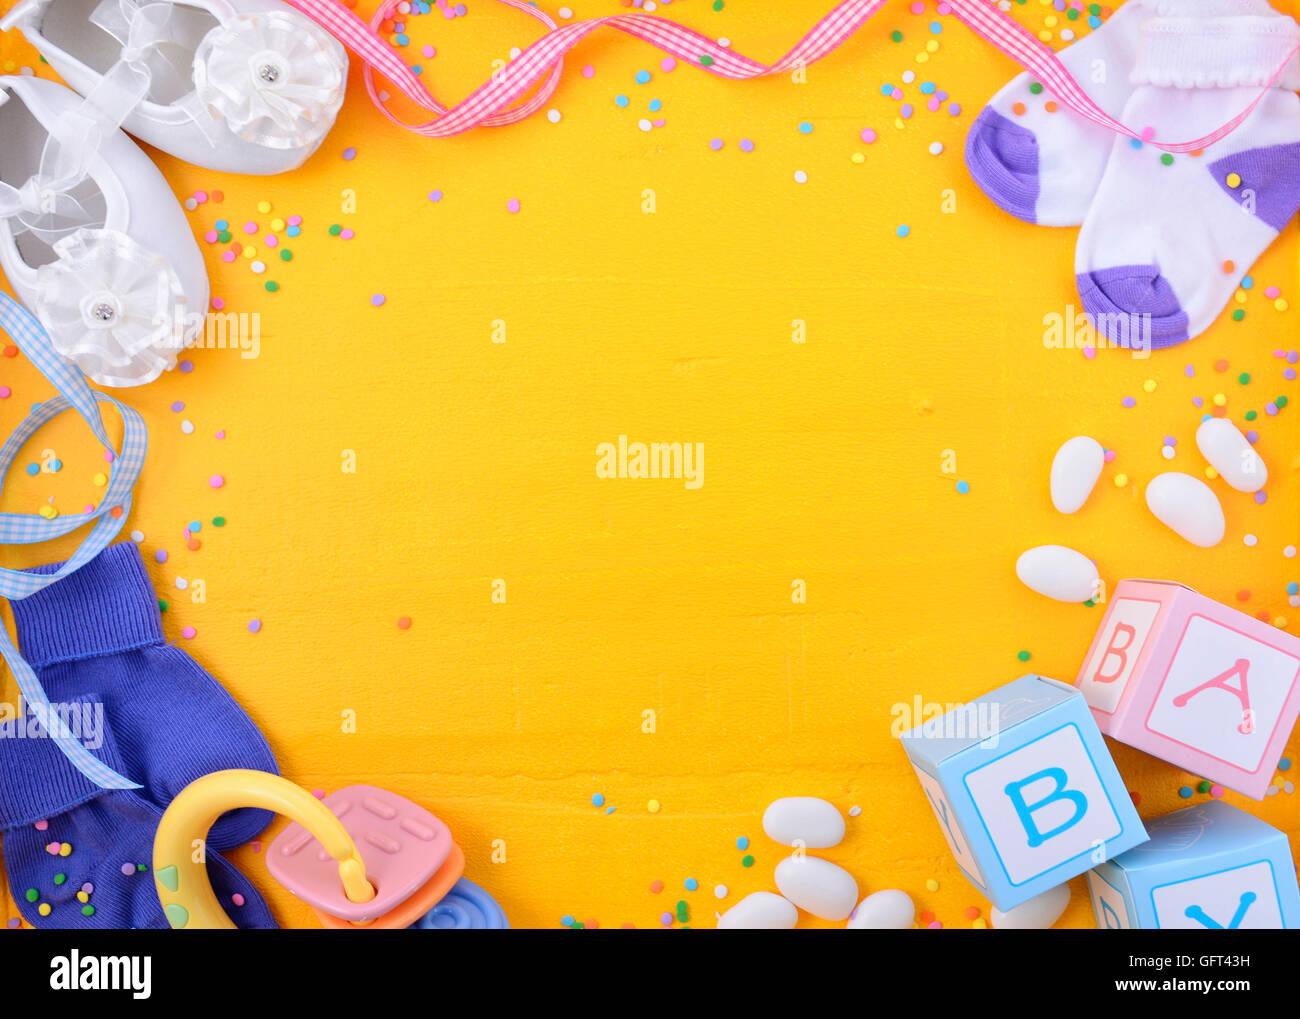 Baby-Dusche oder Kindergarten Hintergrund mit verzierten Rahmen auf ...